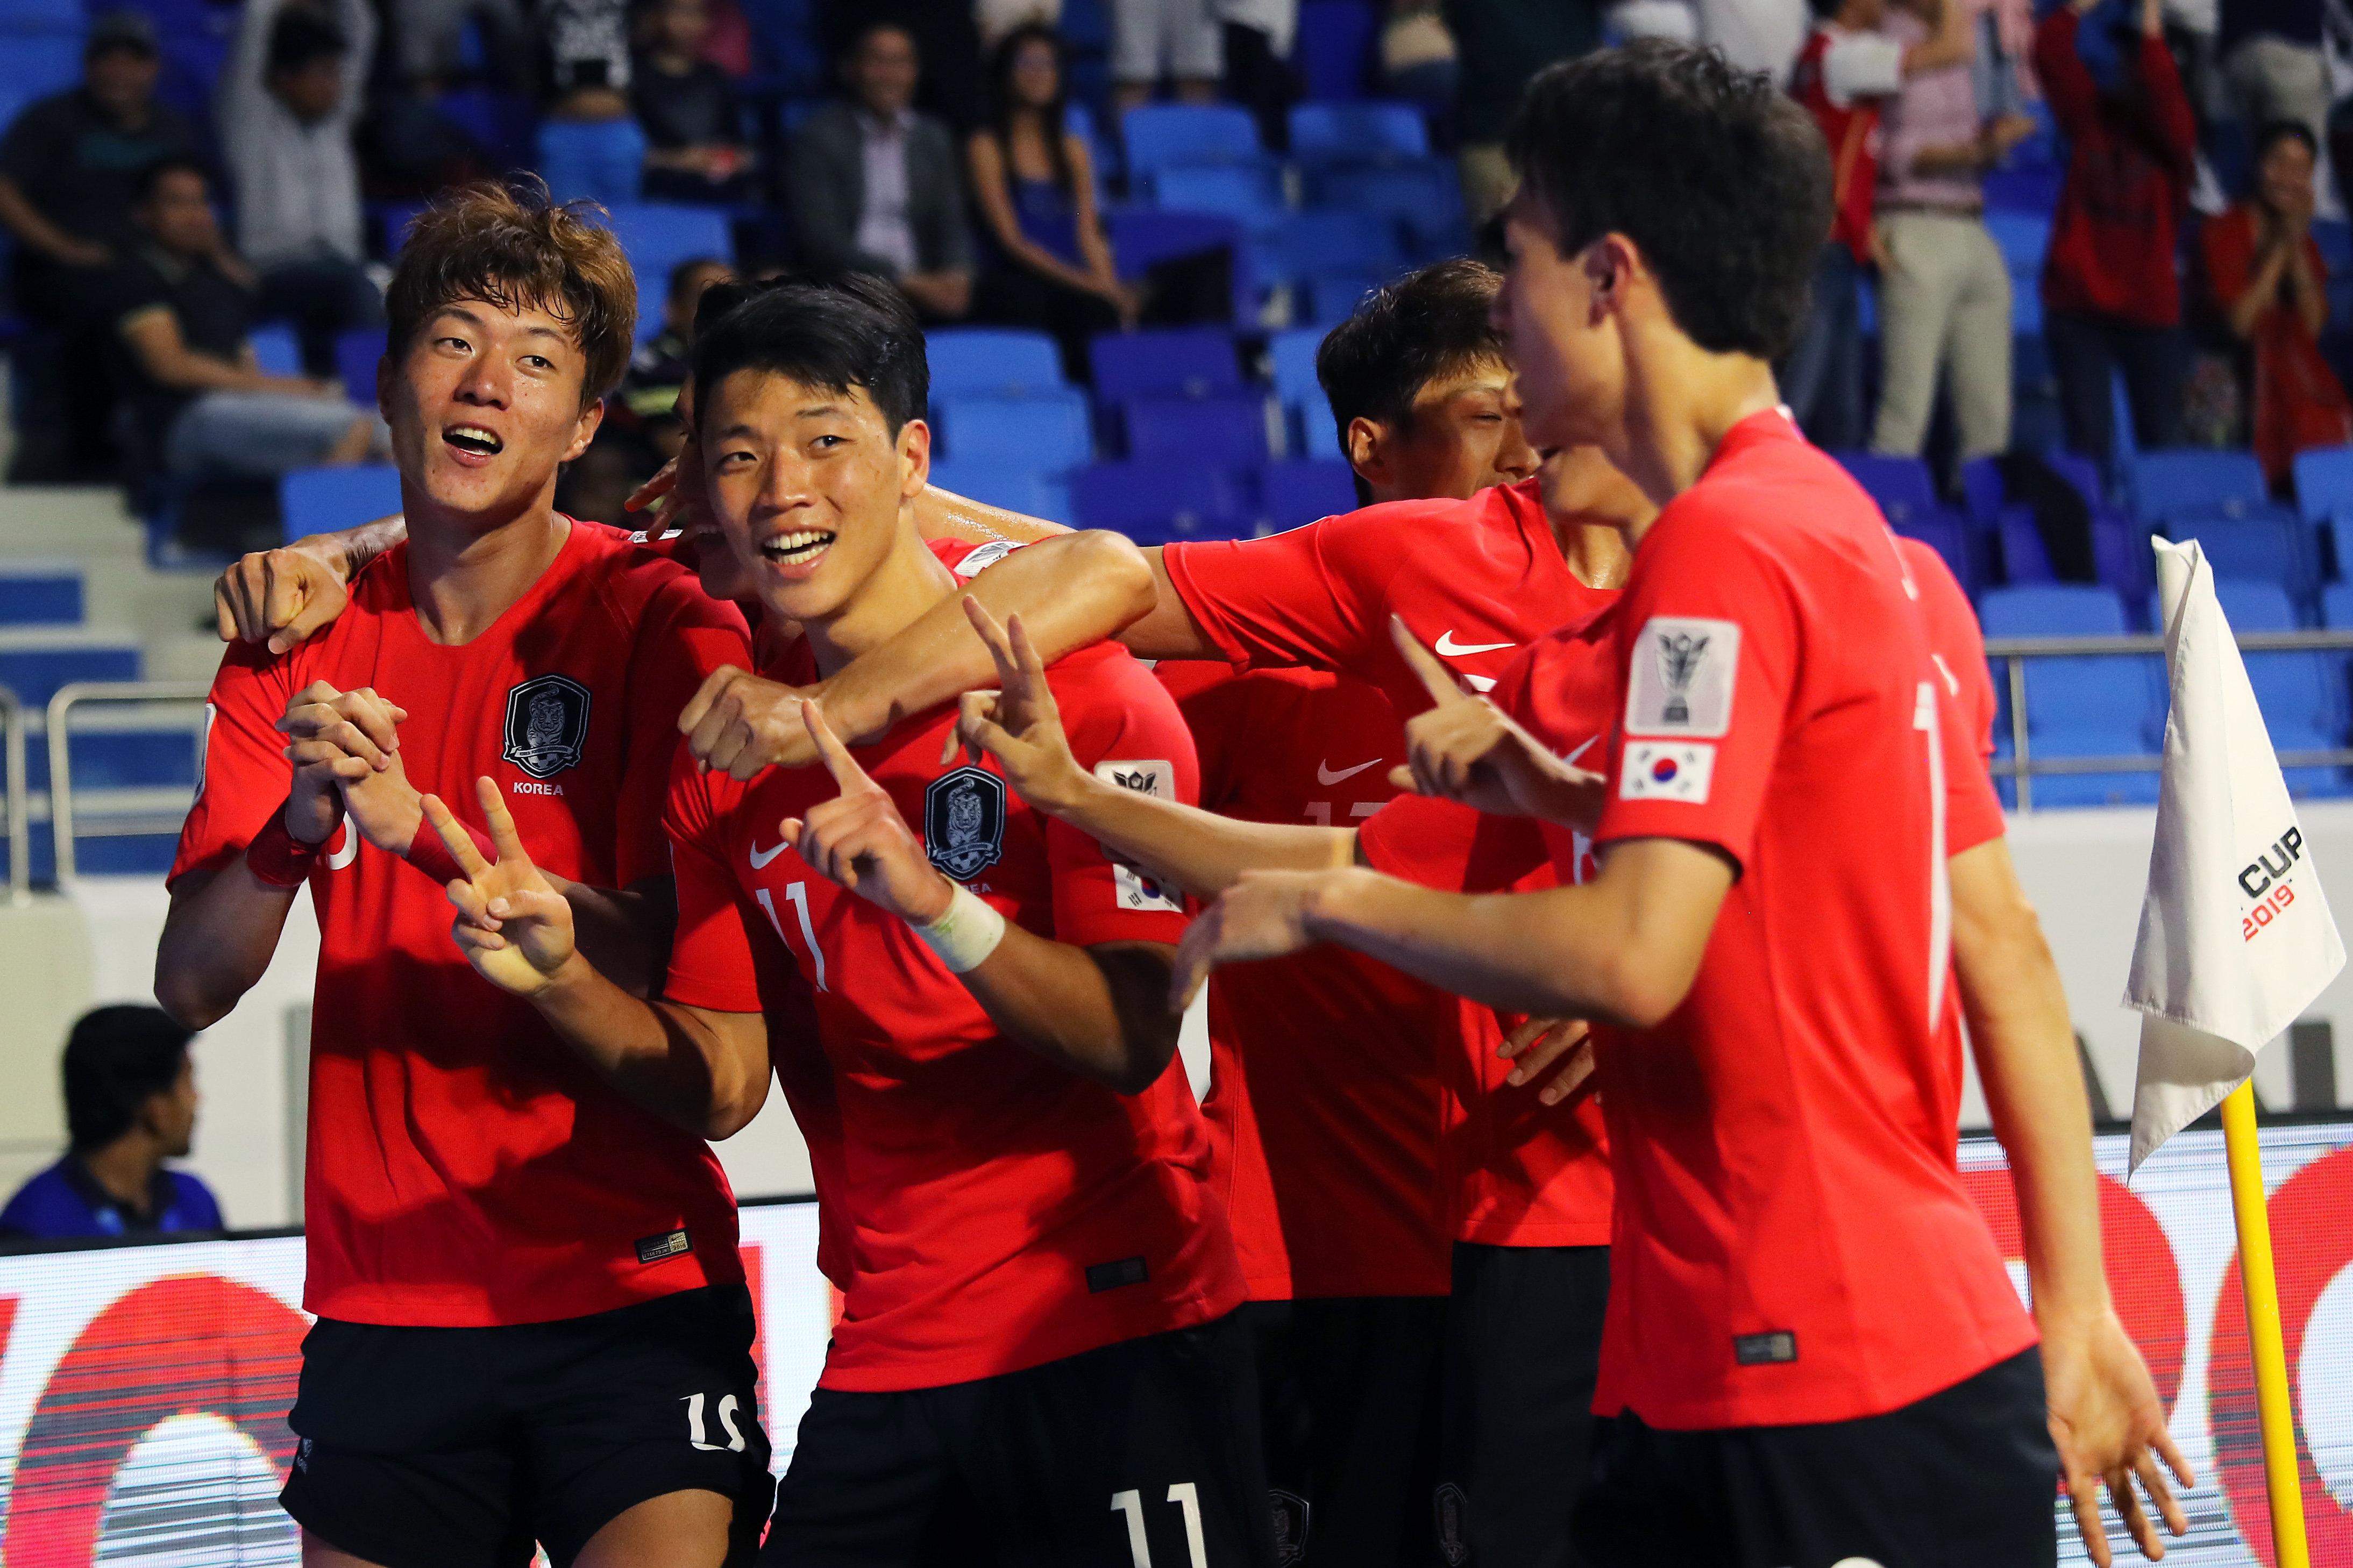 한국-필리핀전 선수단 평점은 상당히 차이가